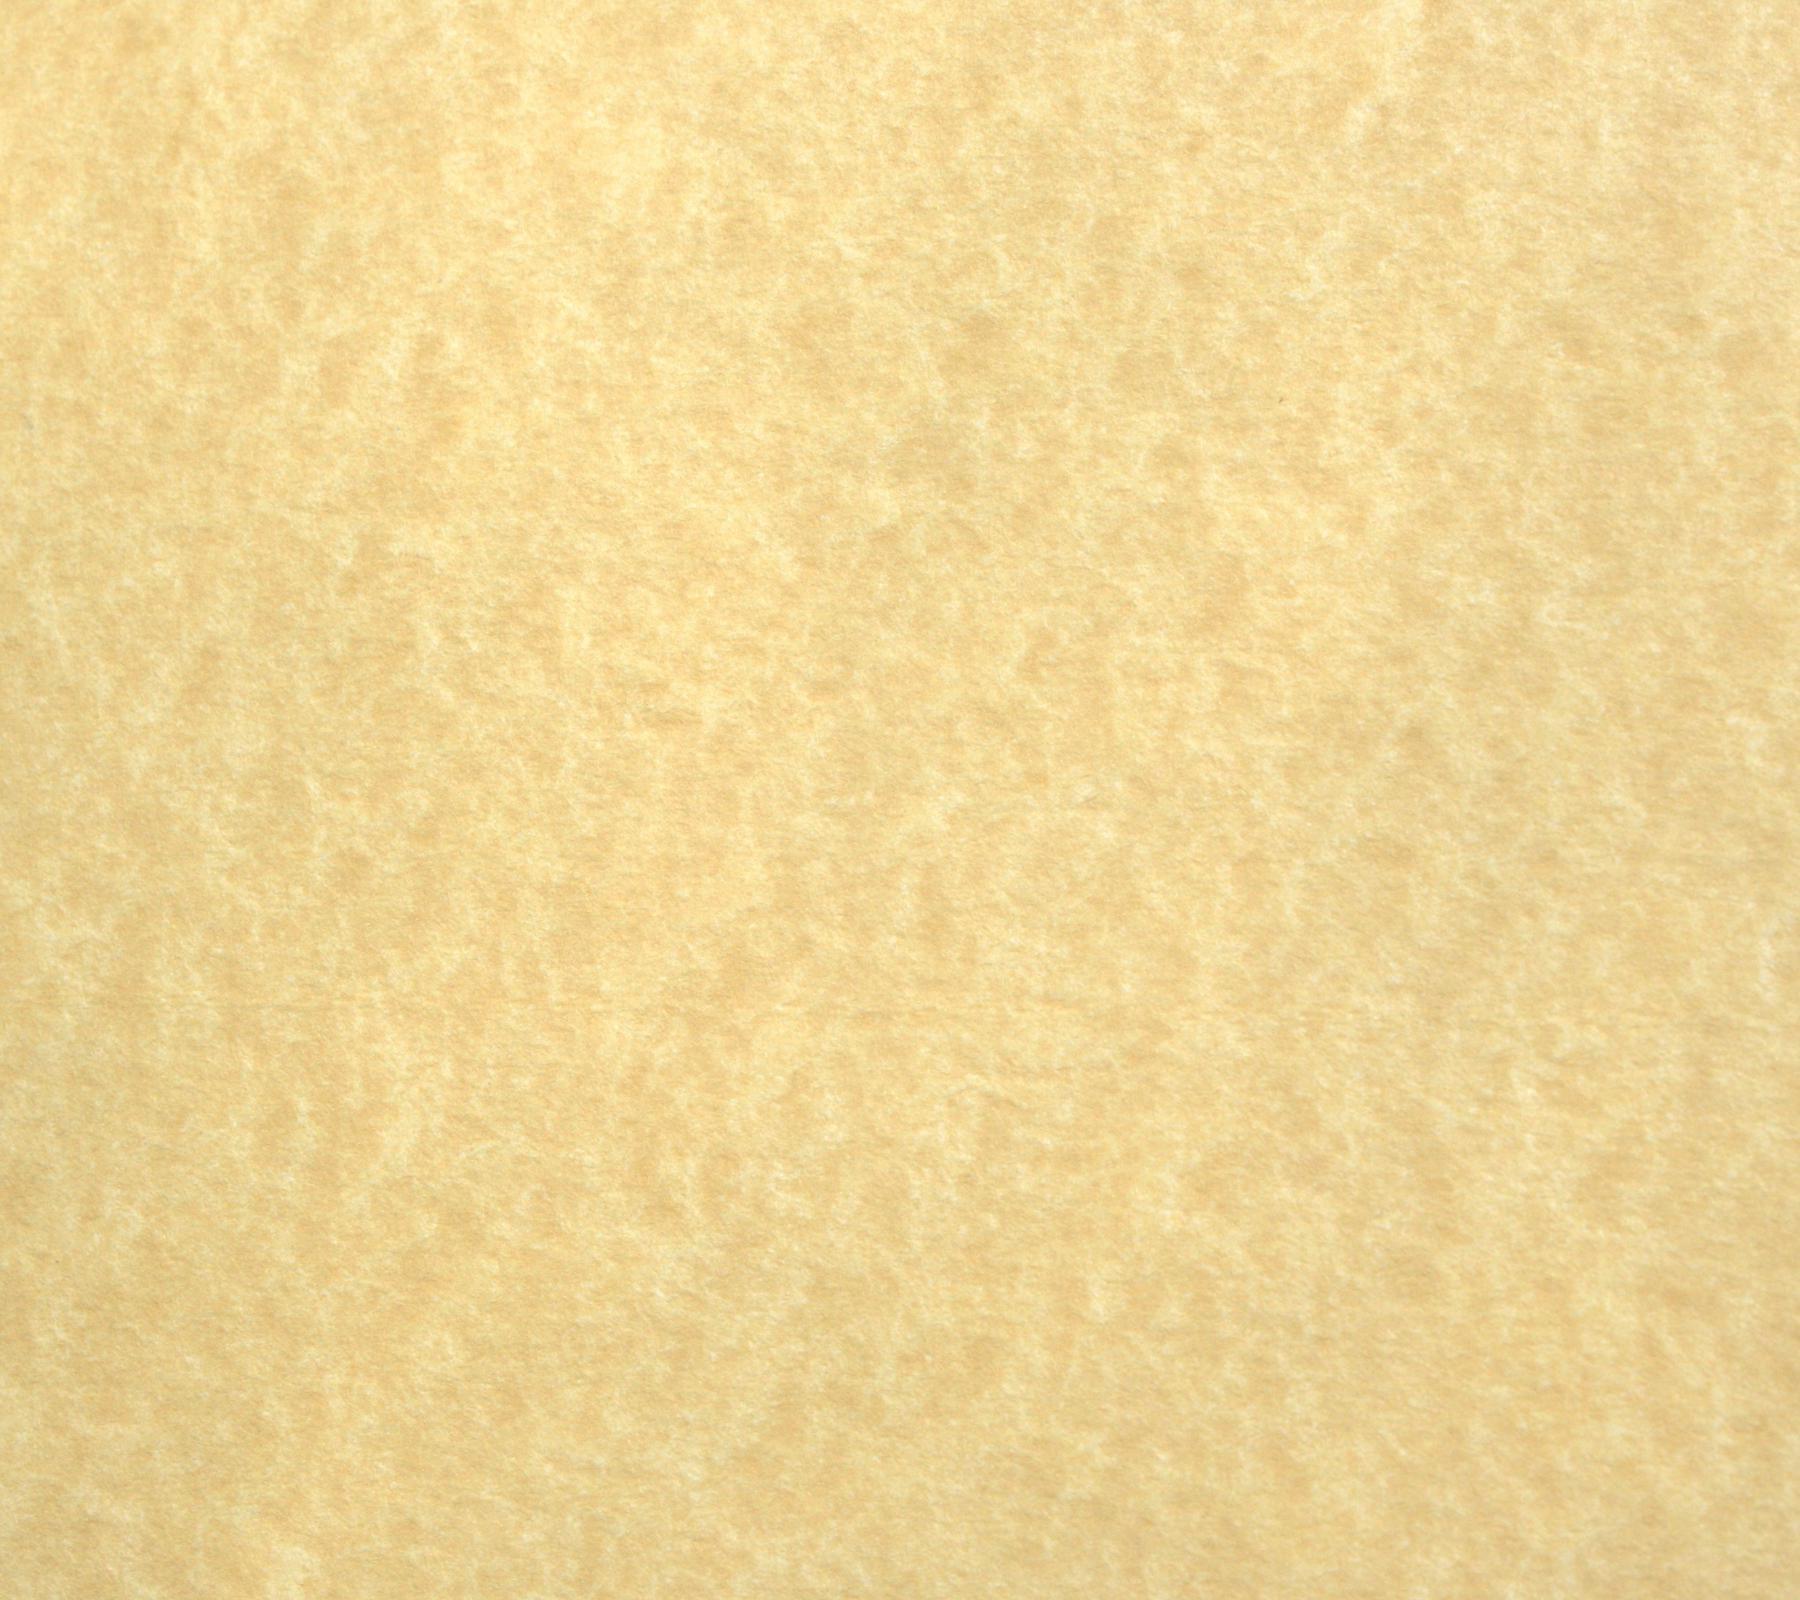 parchment paper background wallpaper picture hd parchment paper 1800x1600